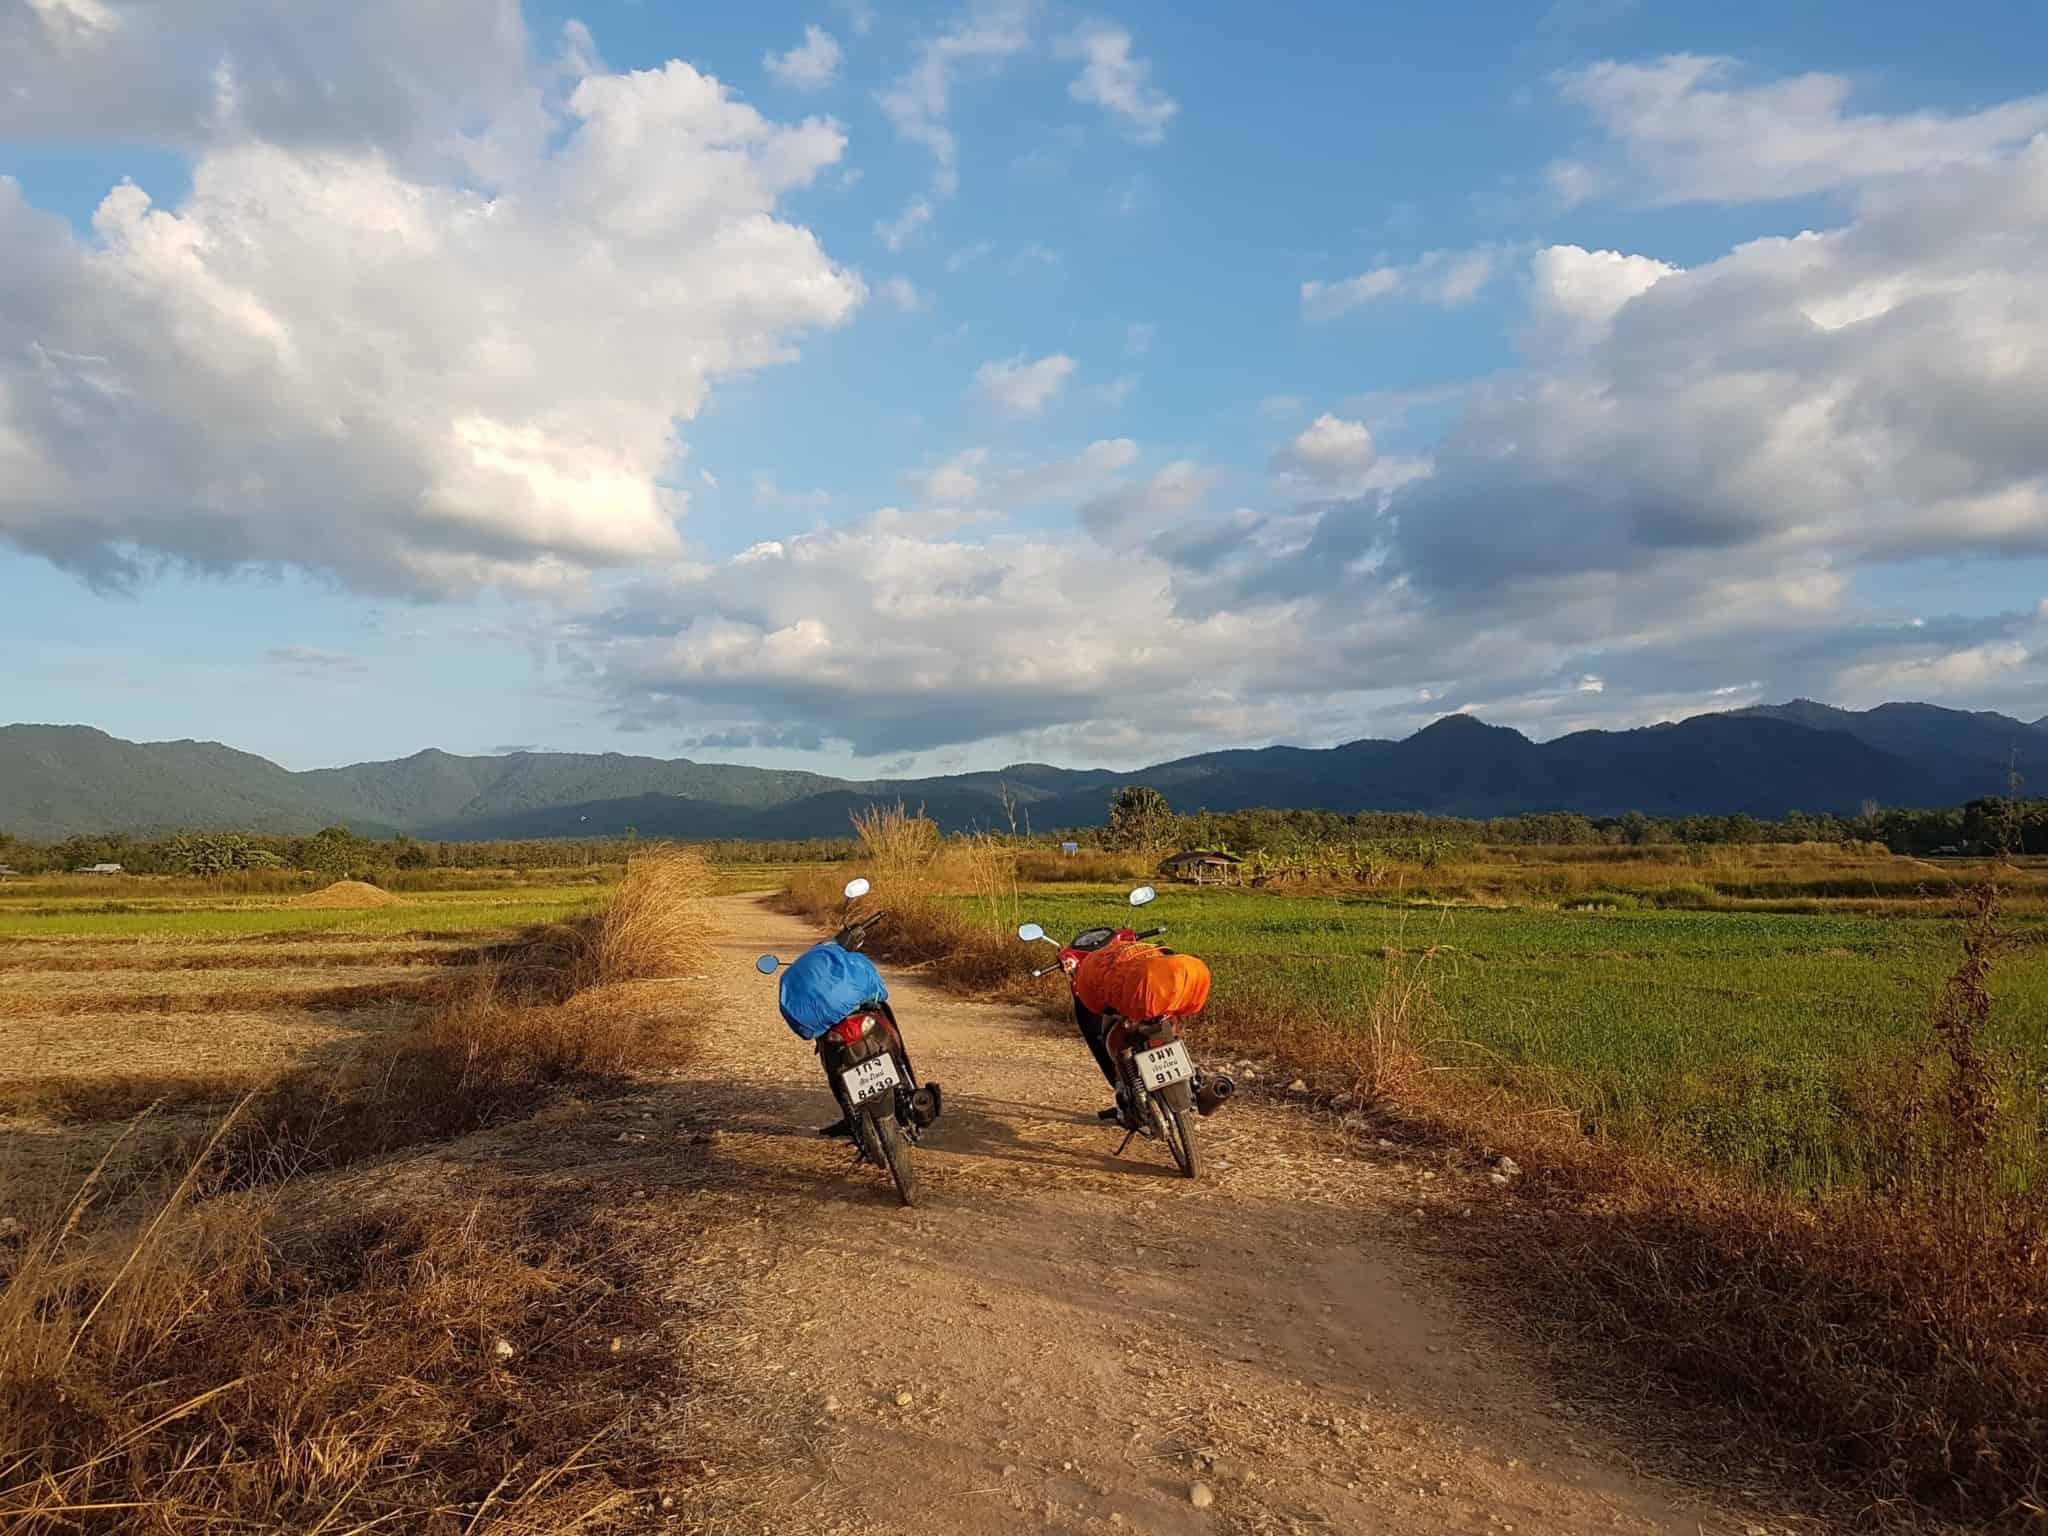 Thaïlande, bilan de ces 2 mois à sillonner les routes à moto 🧡 4